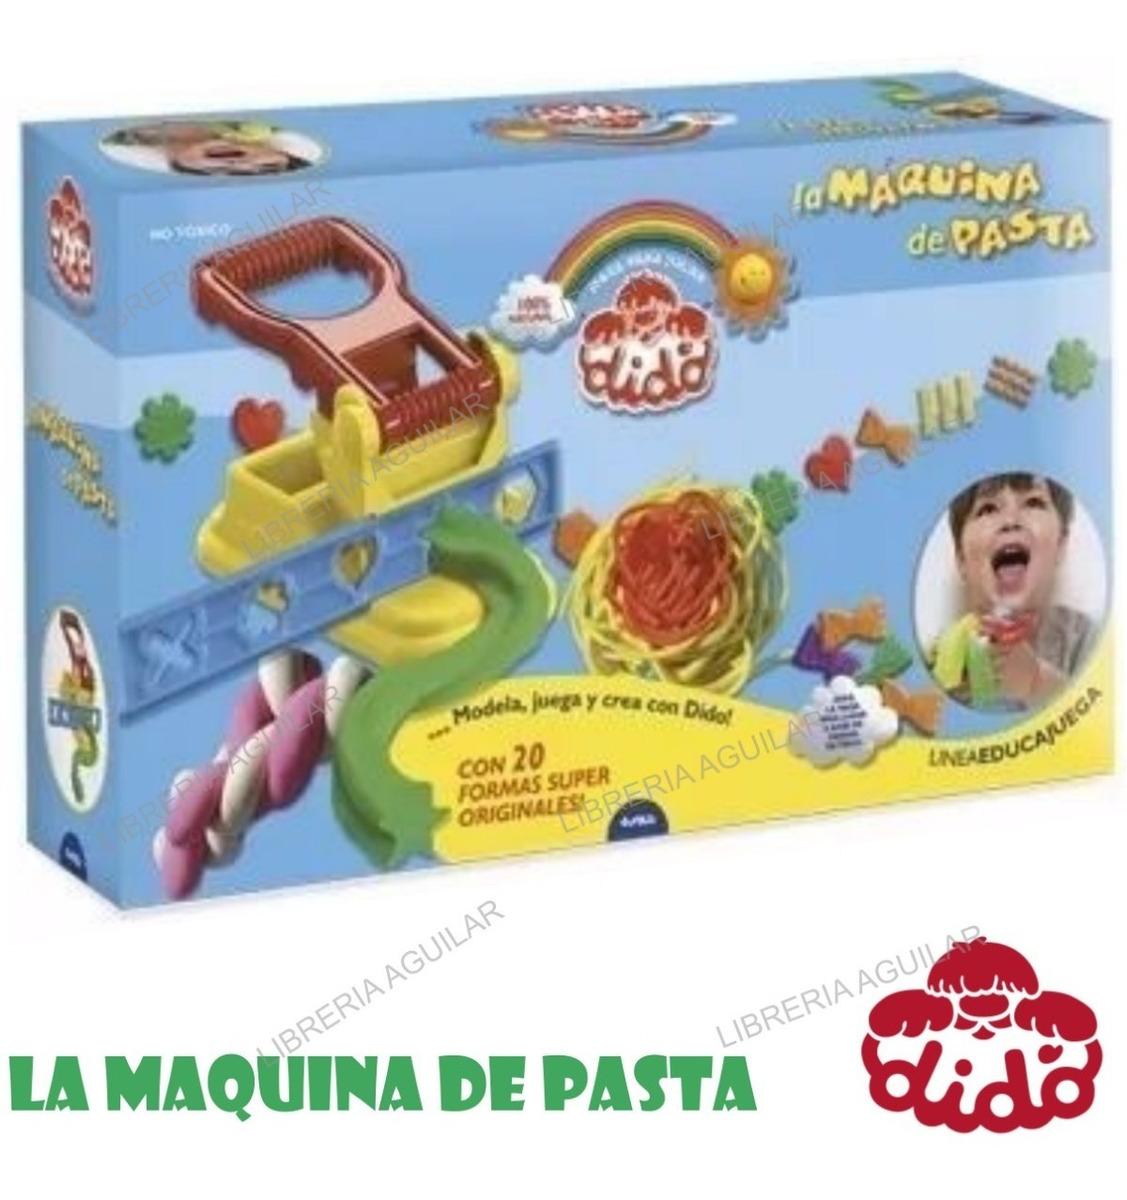 Accesorios No Tóxico Italia Masa Maquina Dido Pasta Set SUzpMGVLq